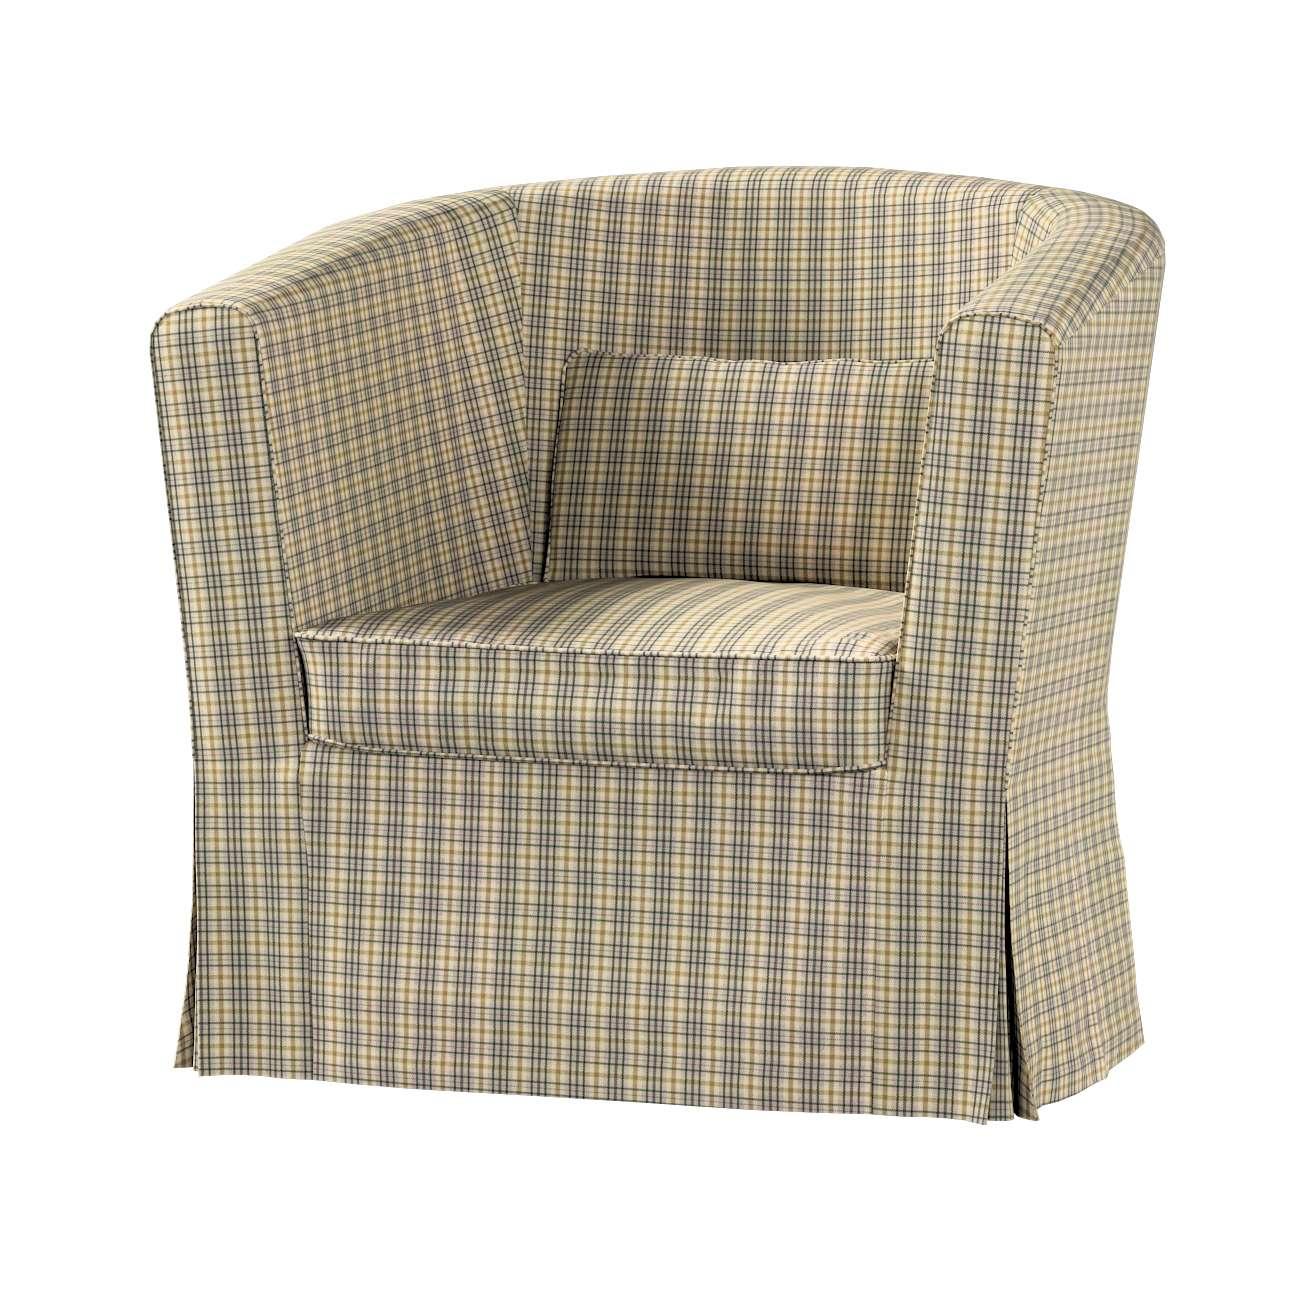 Bezug für Ektorp Tullsta Sessel von der Kollektion Londres, Stoff: 143-39